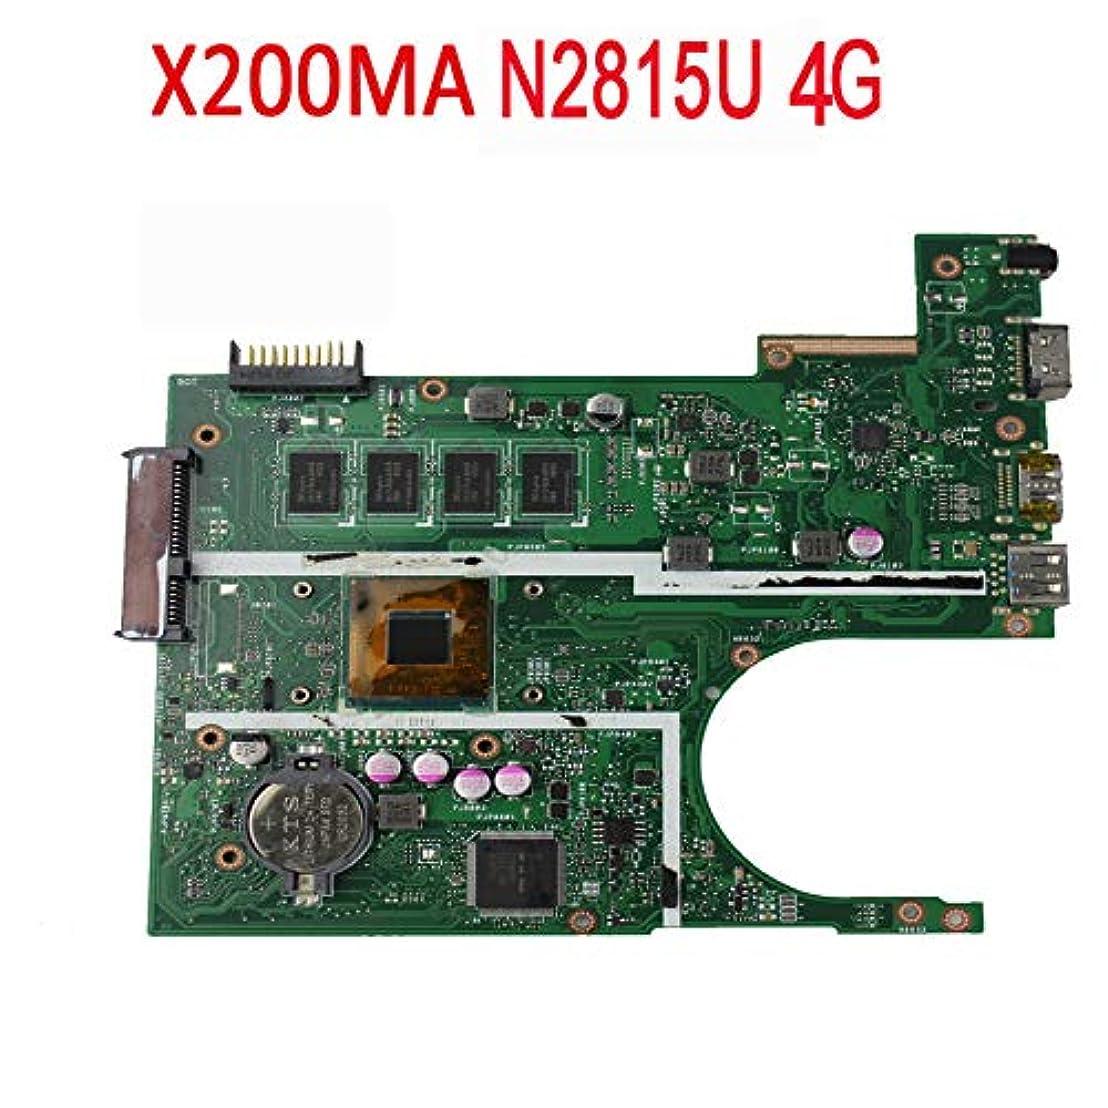 ペチュランスお母さん構想するFidgetGear Asus X200MAマザーボード4GB w/Intel Celeron N2815 CPU 60NB04U0-MB1B20用